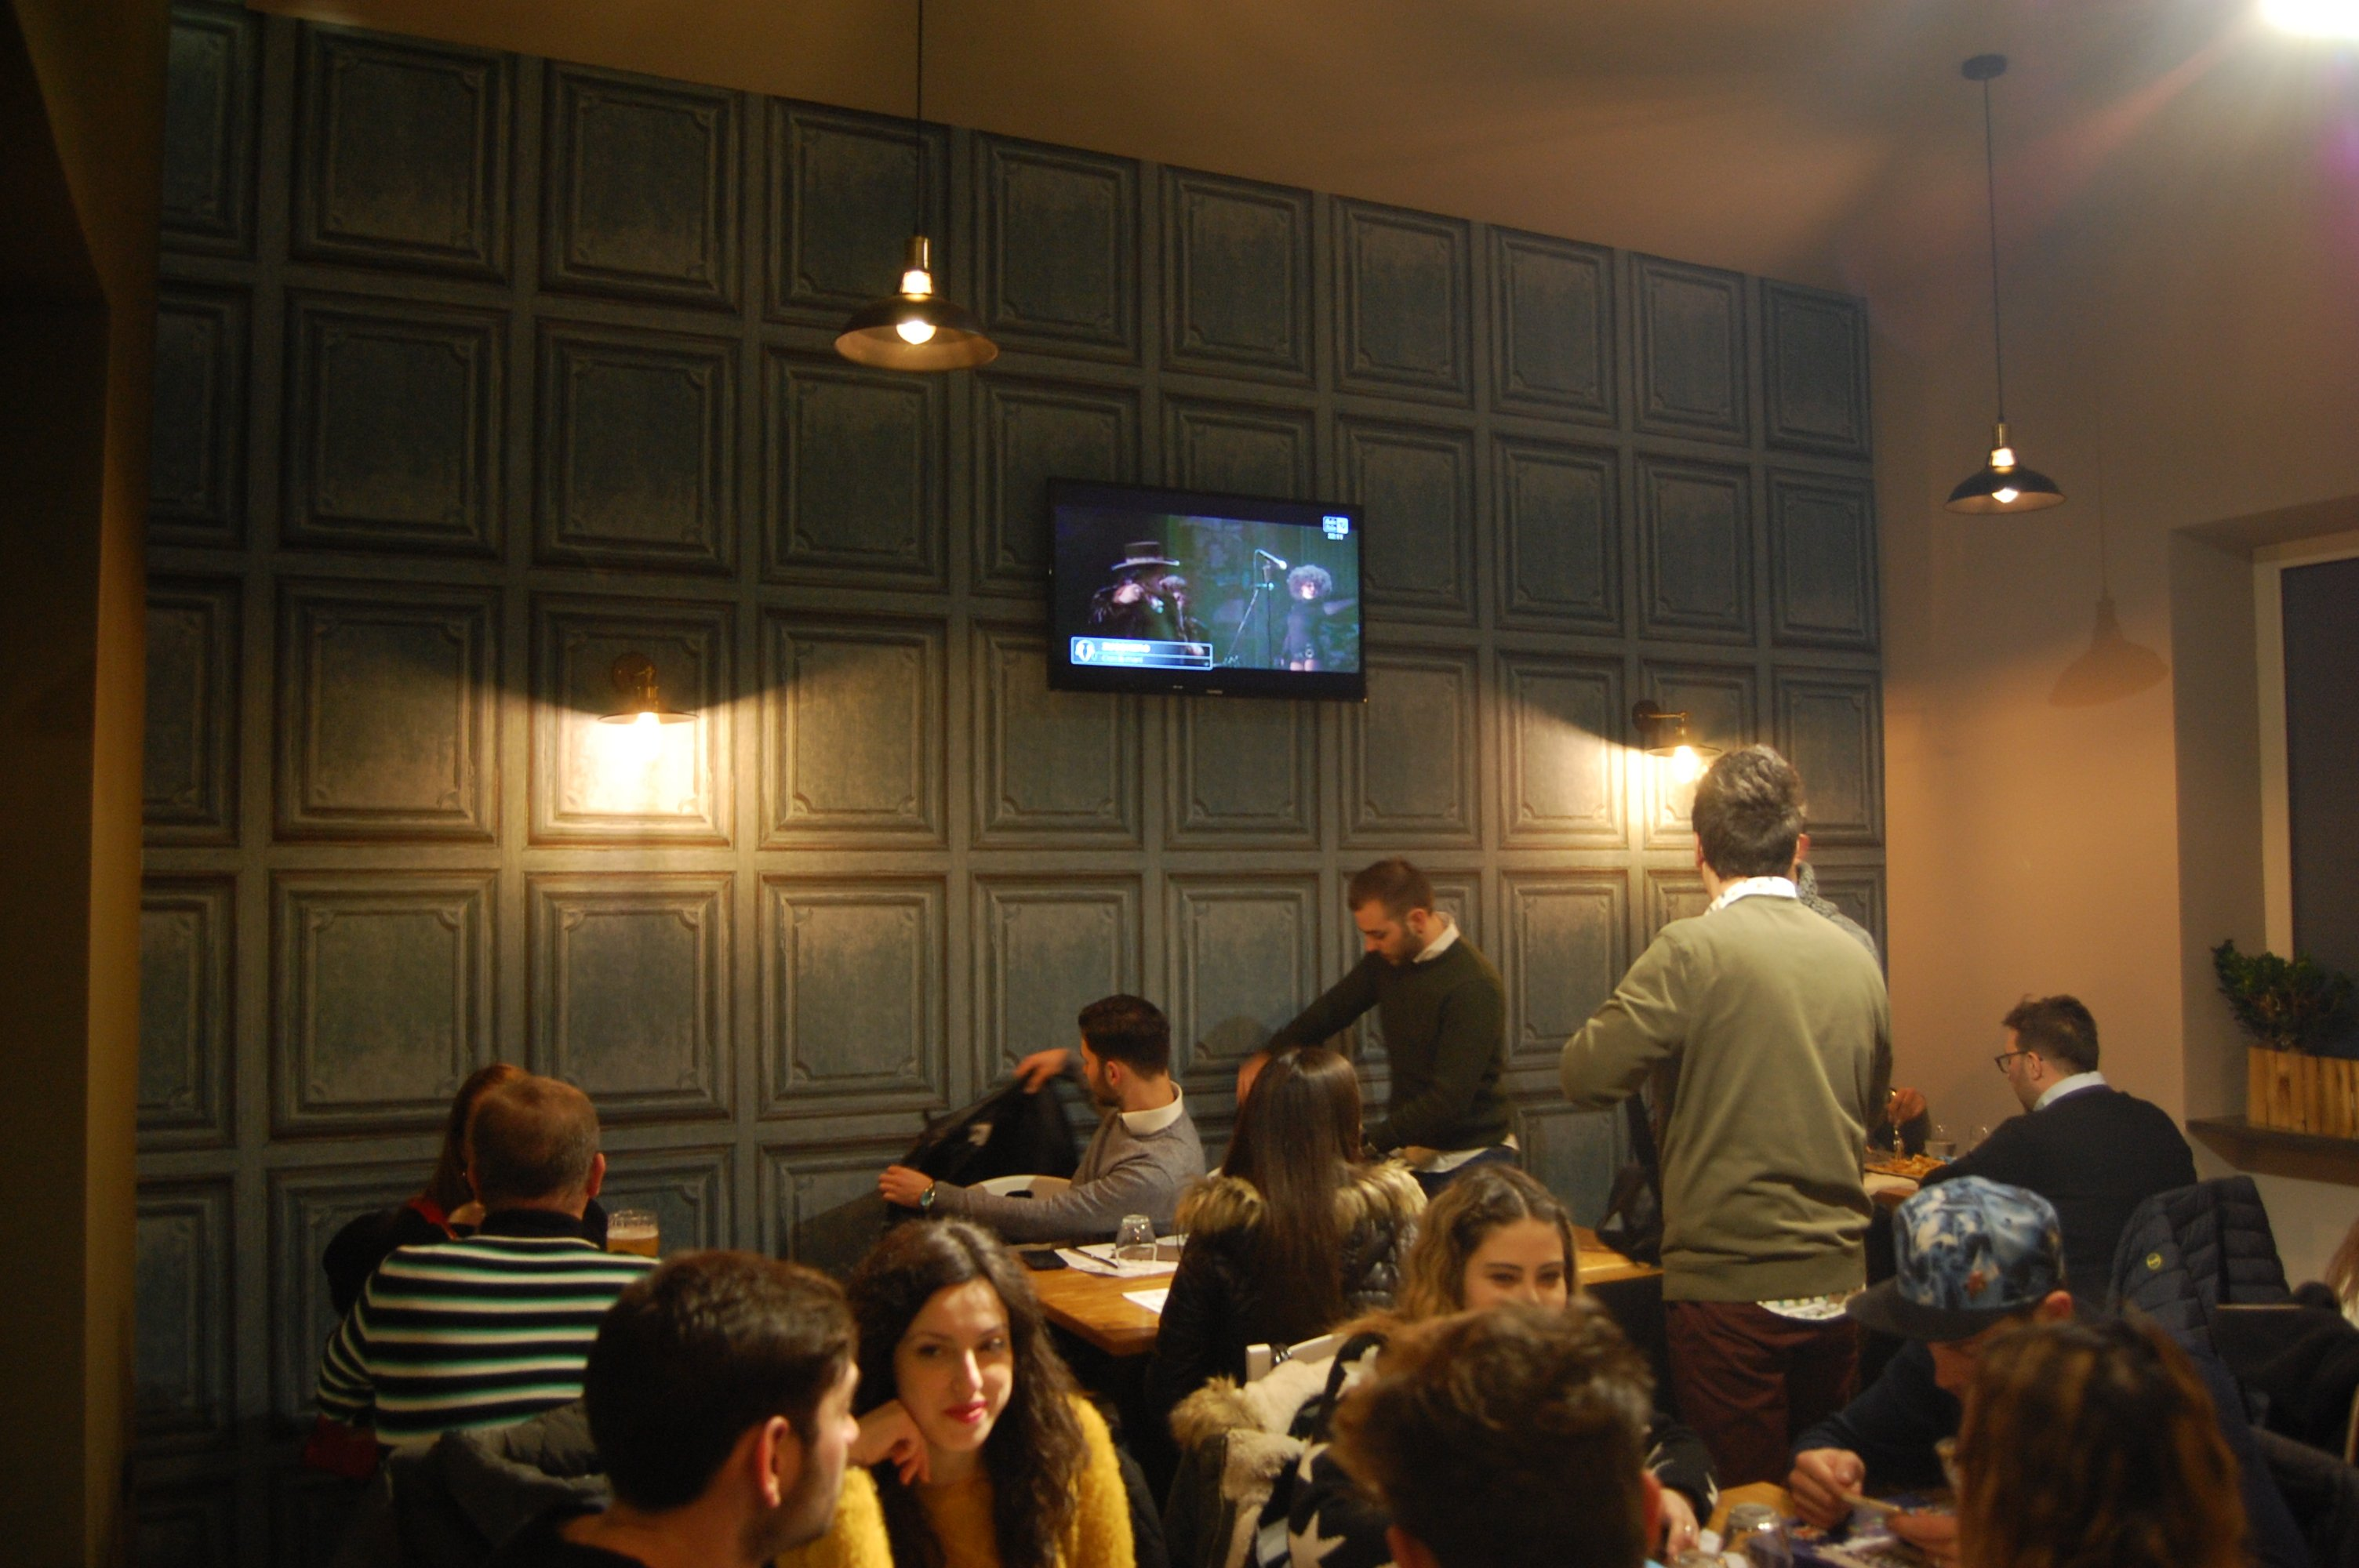 vista della sala con i tavoli con lampade a sospensione e la televisione